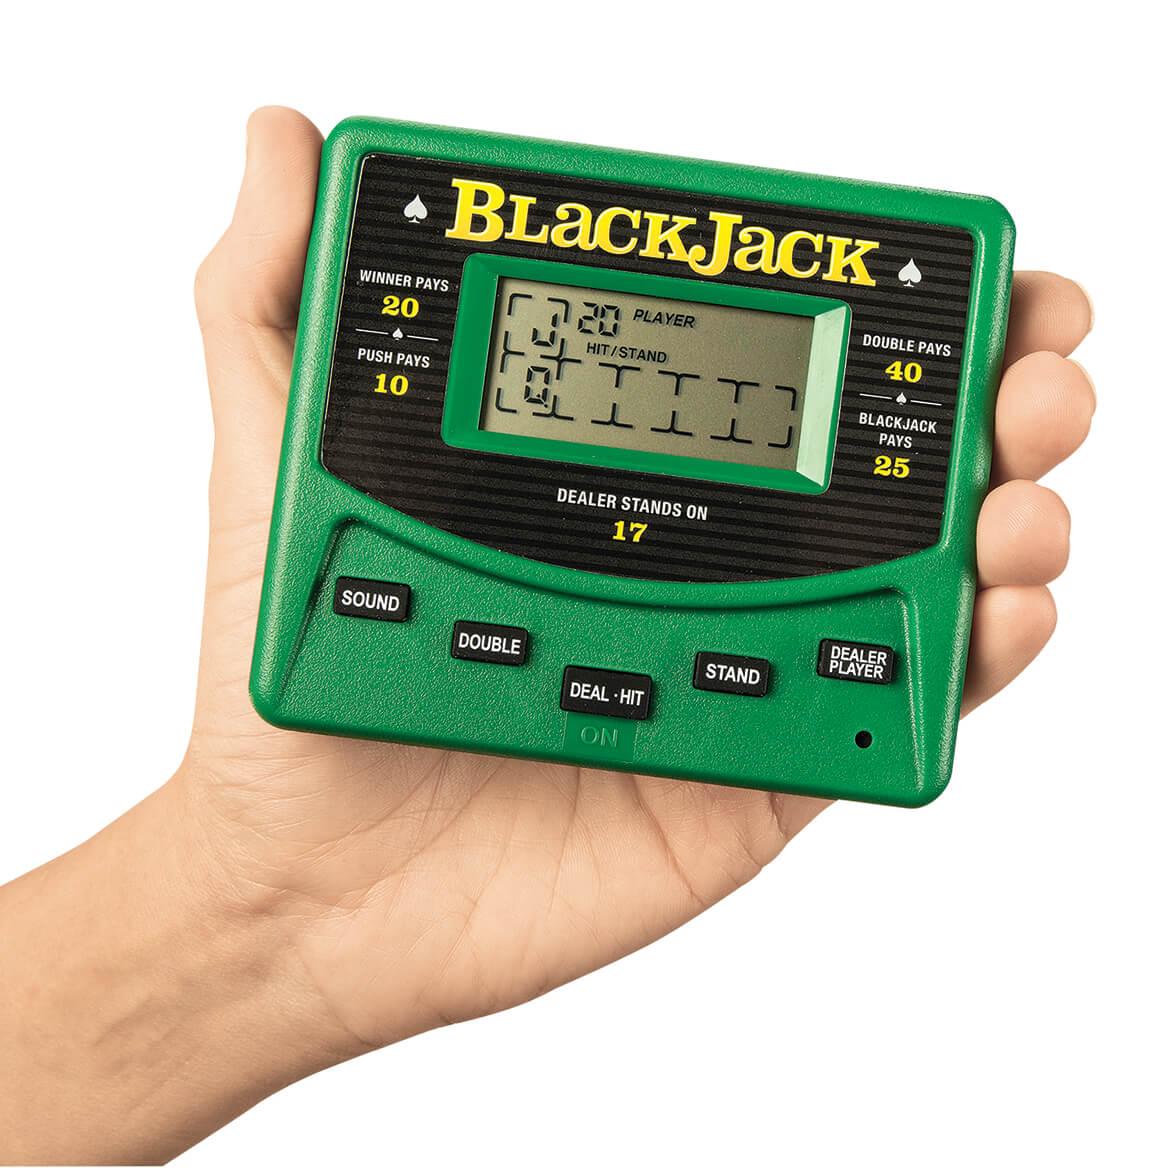 BlackJack Handheld Game-368509